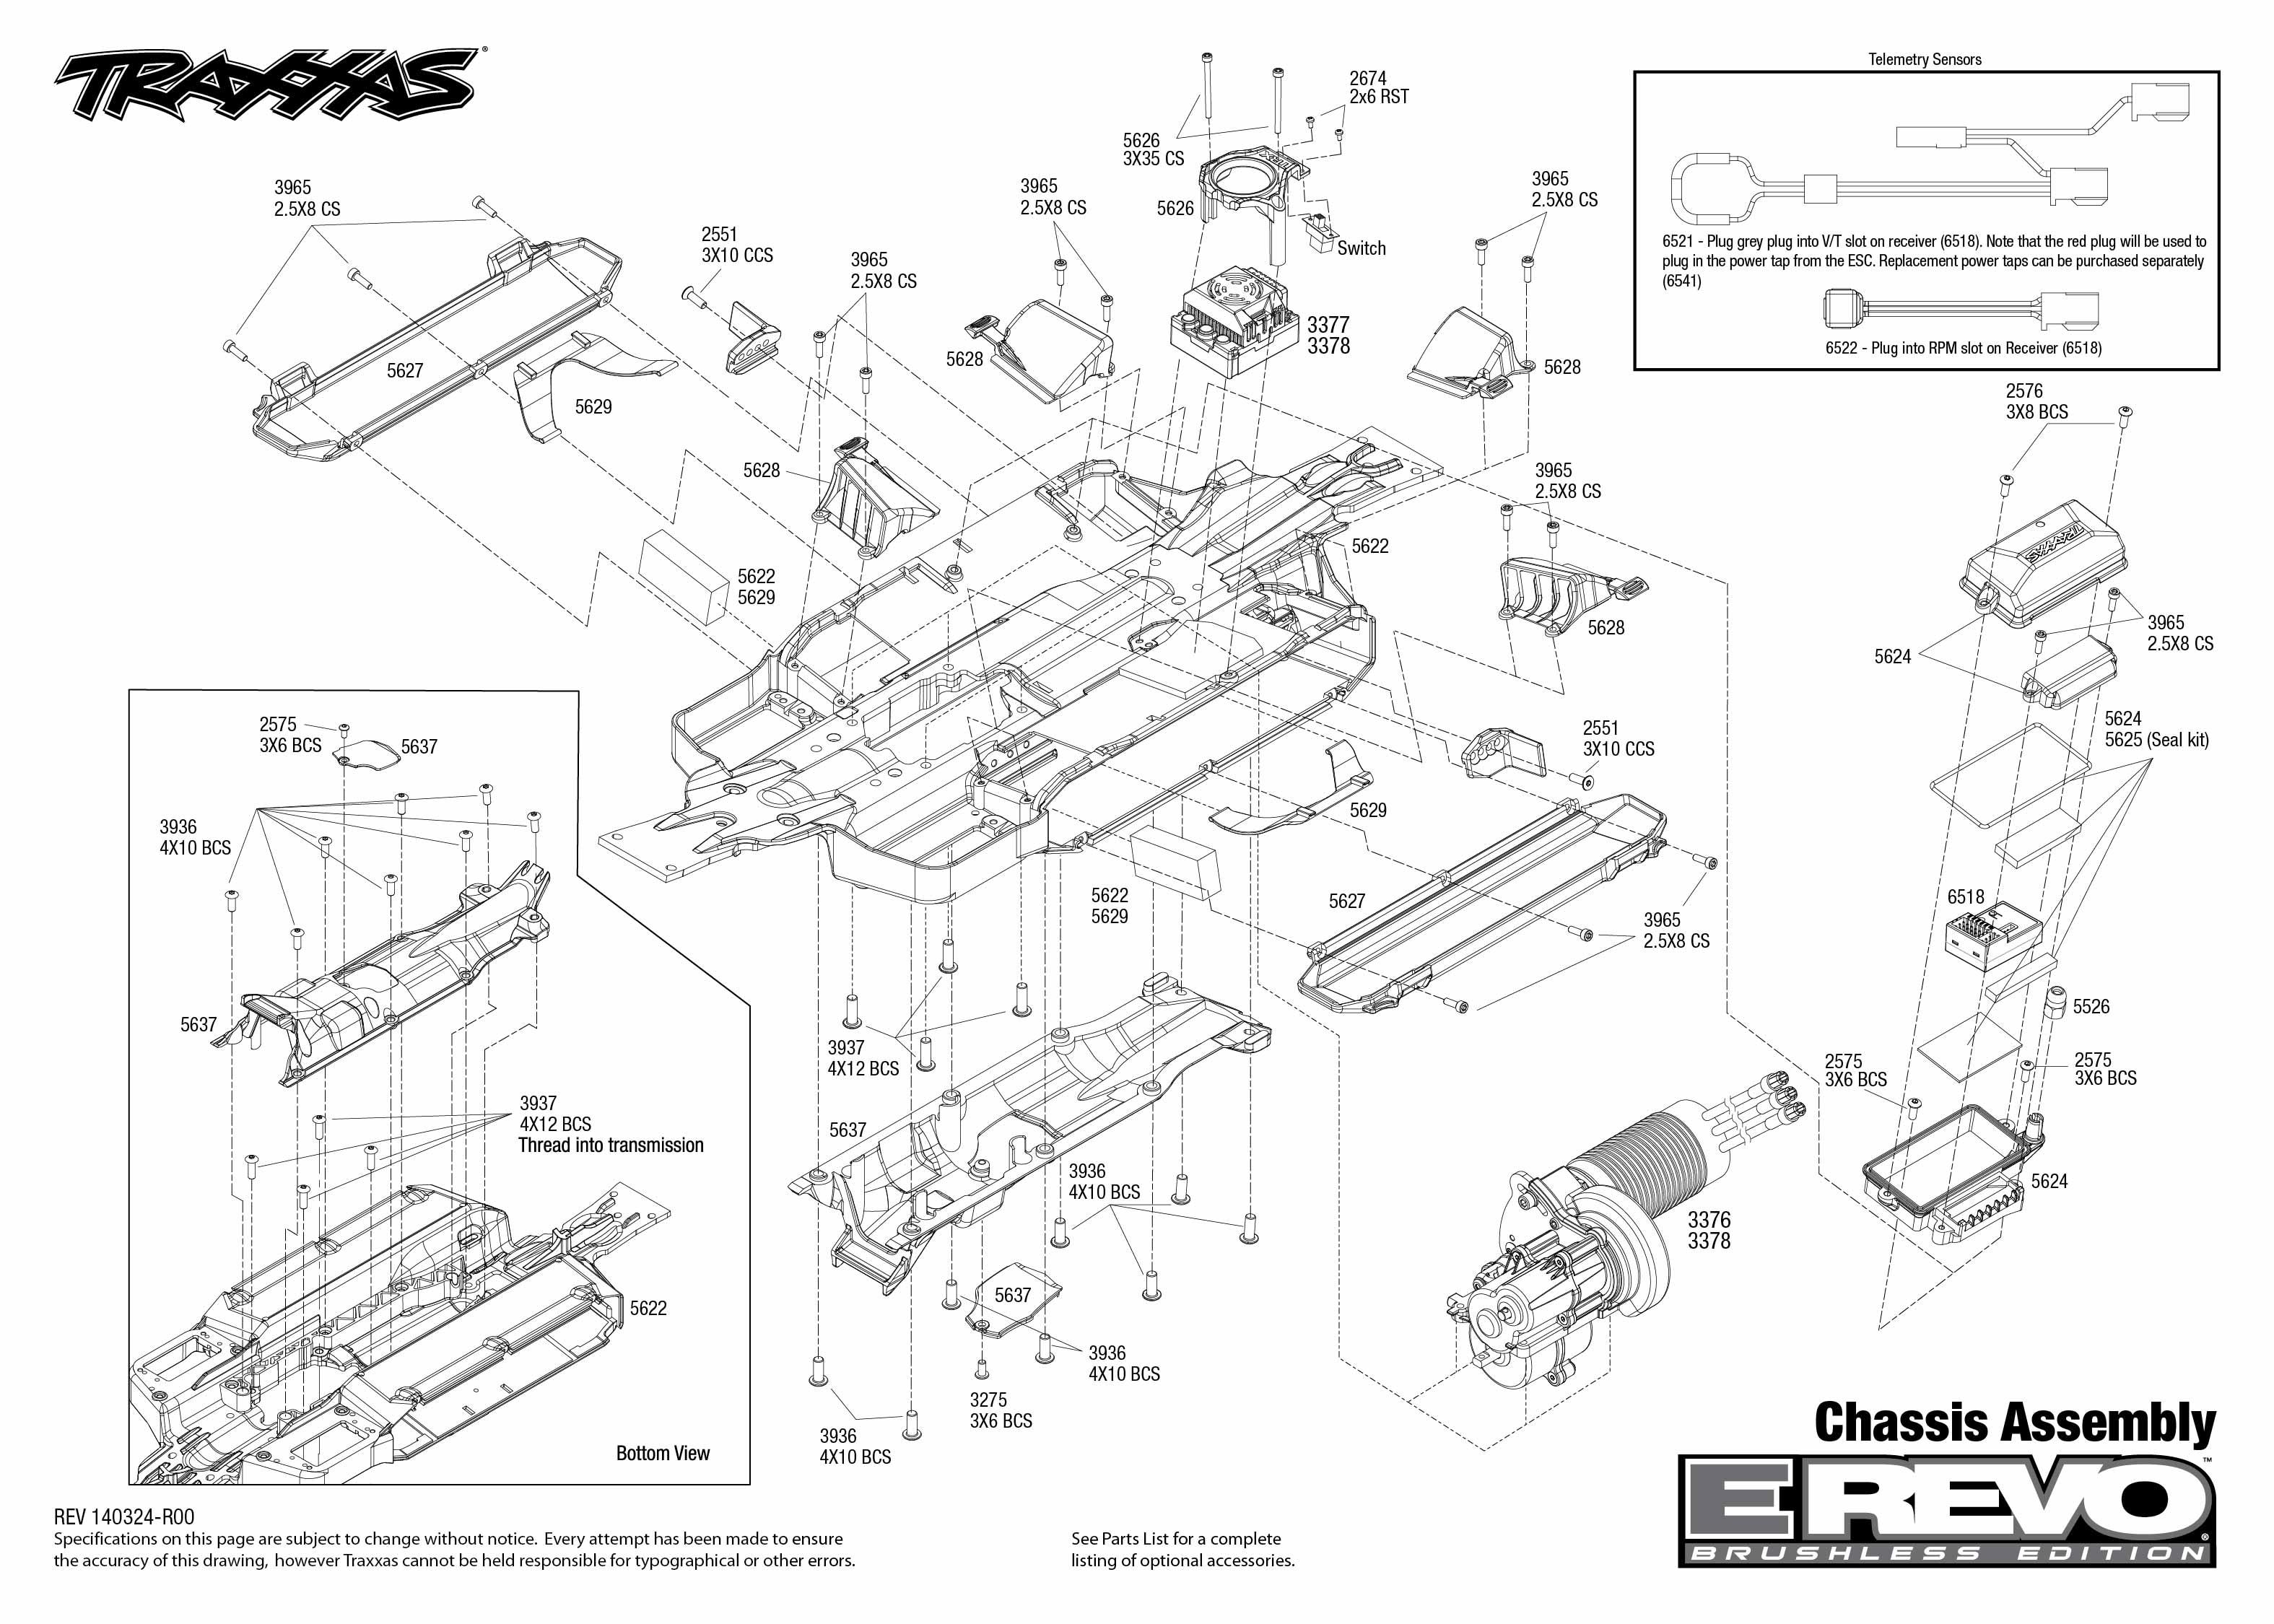 revo 2 5 wiring diagram detailed schematics diagram rh keyplusrubber com Traxxas Traxxas 2 5 Truck Traxxas 2 5 Parts